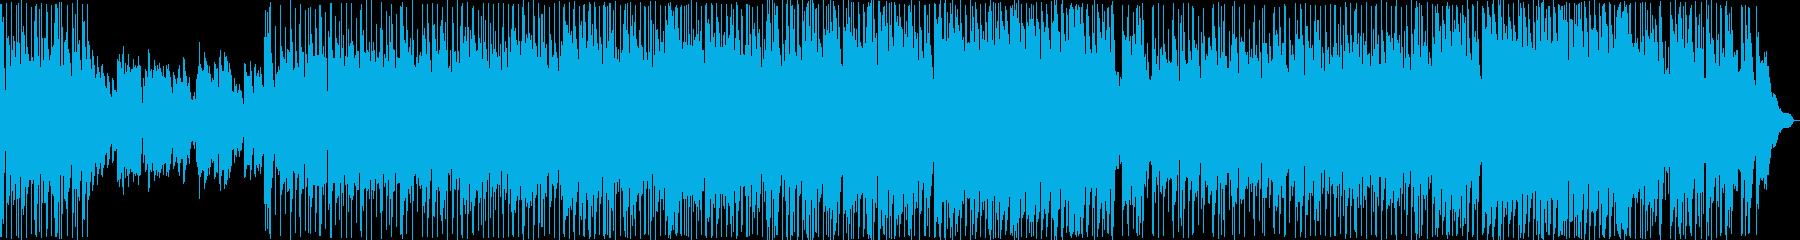 ほのぼのした雰囲気のバラード2の再生済みの波形